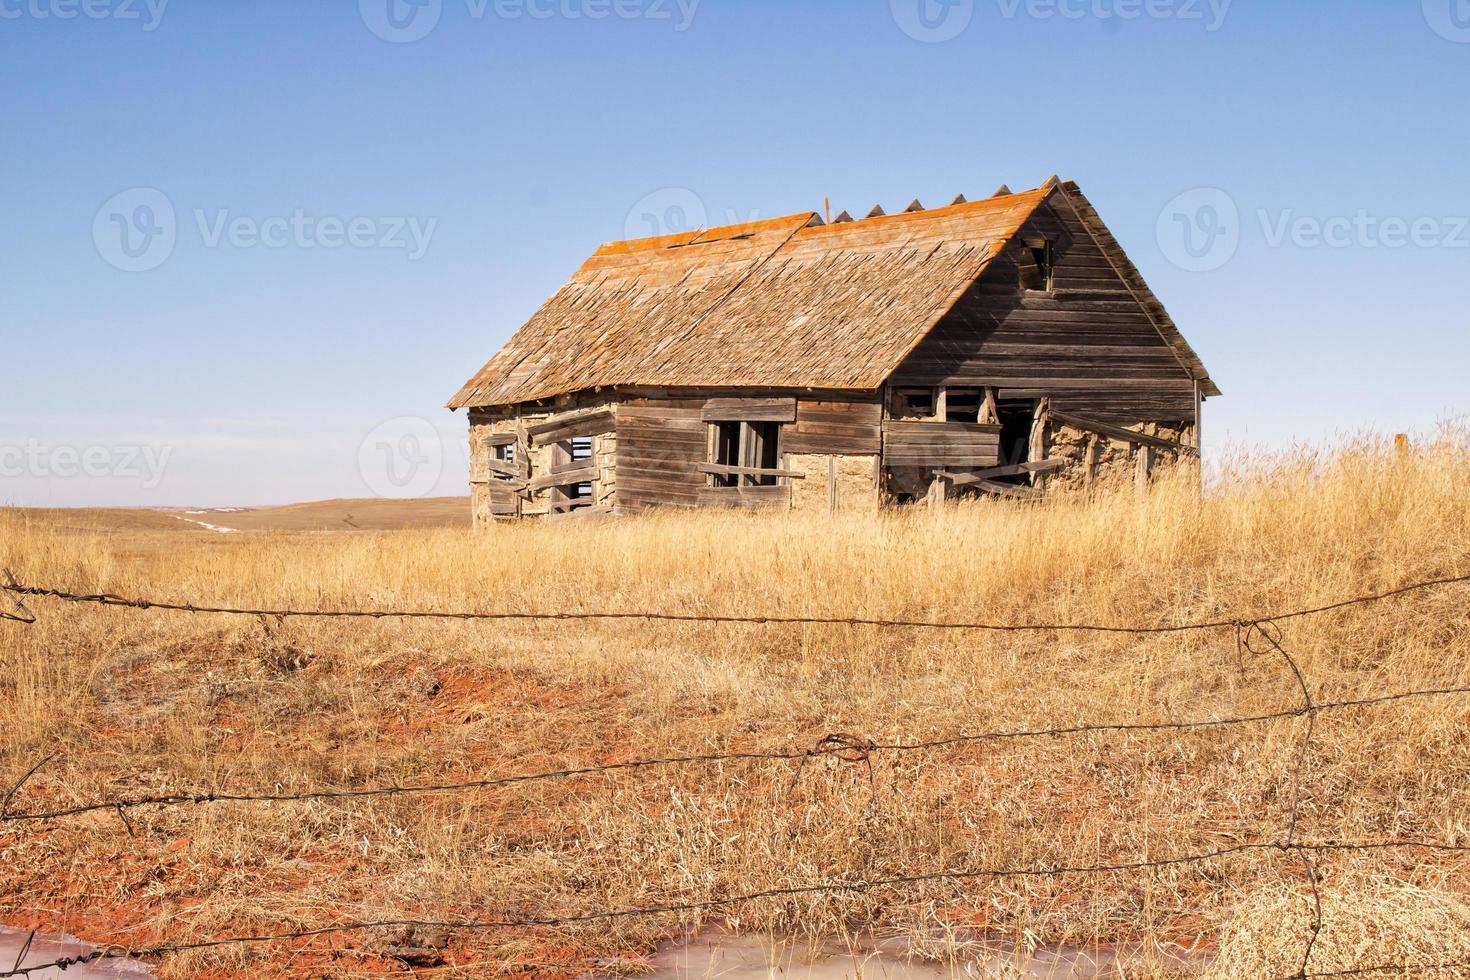 casa derrumbada en un campo foto